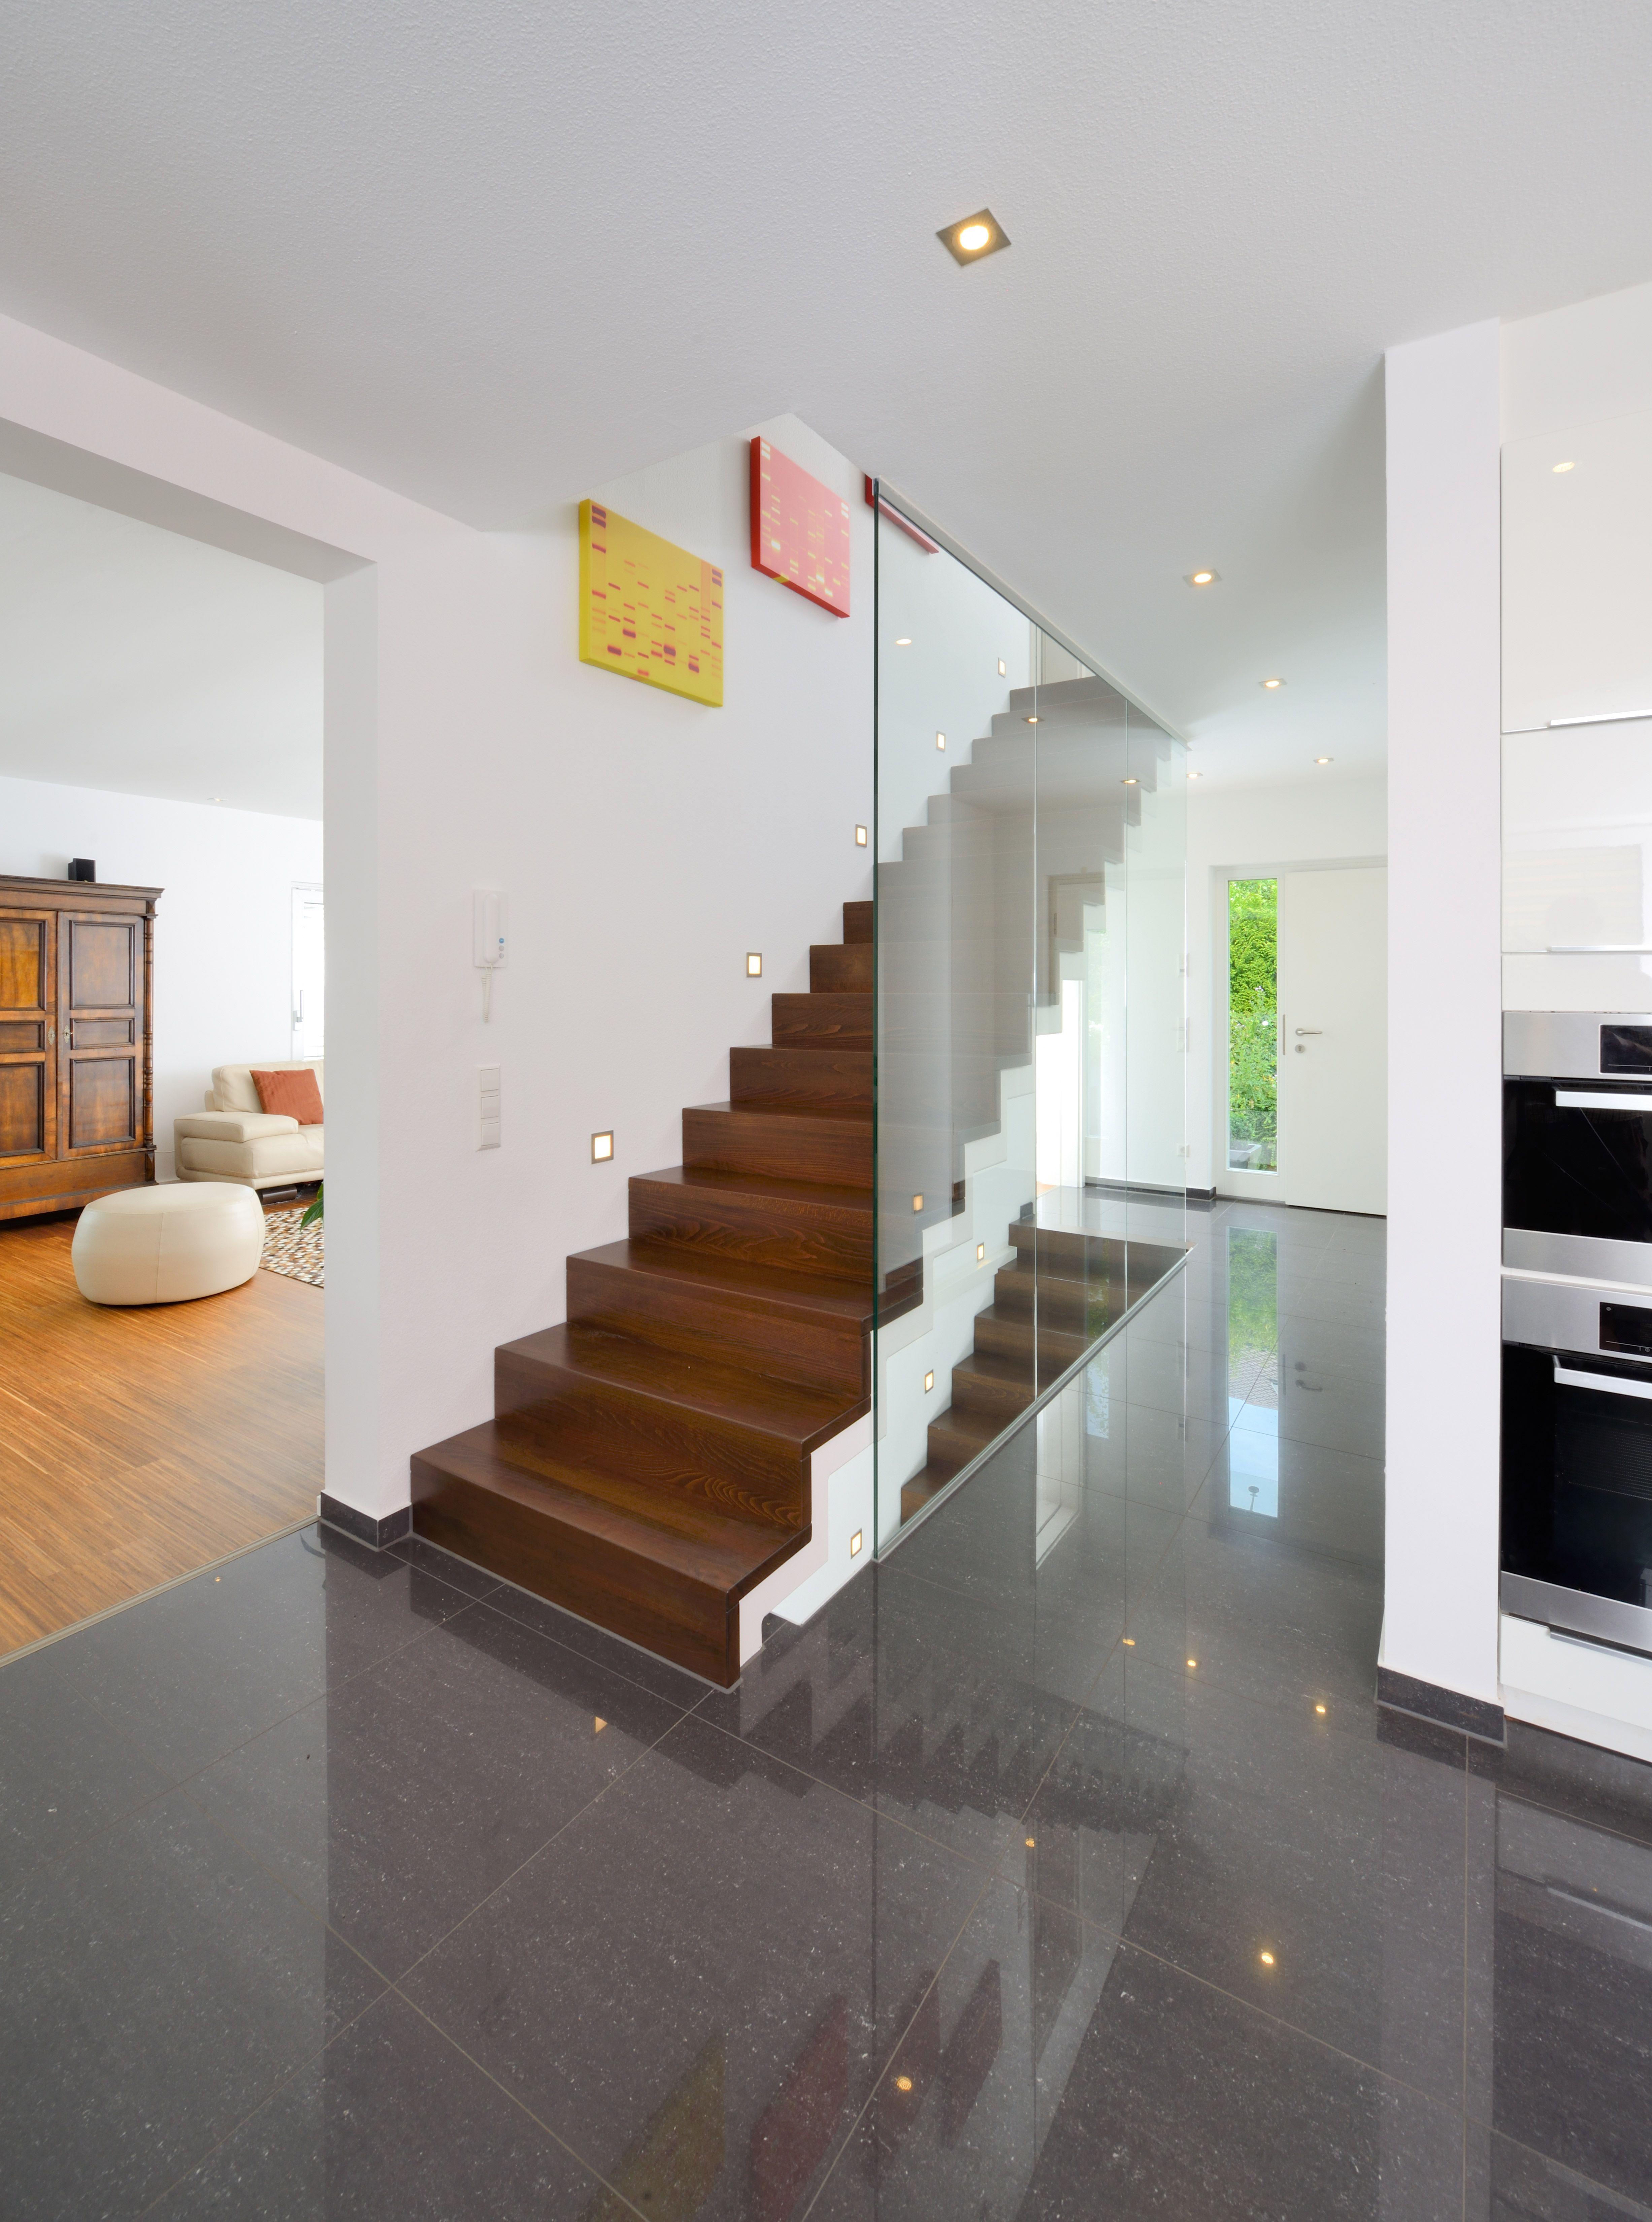 Aufgesattelte Wangentreppe mit Setzstufen | Design und Funktion in ...